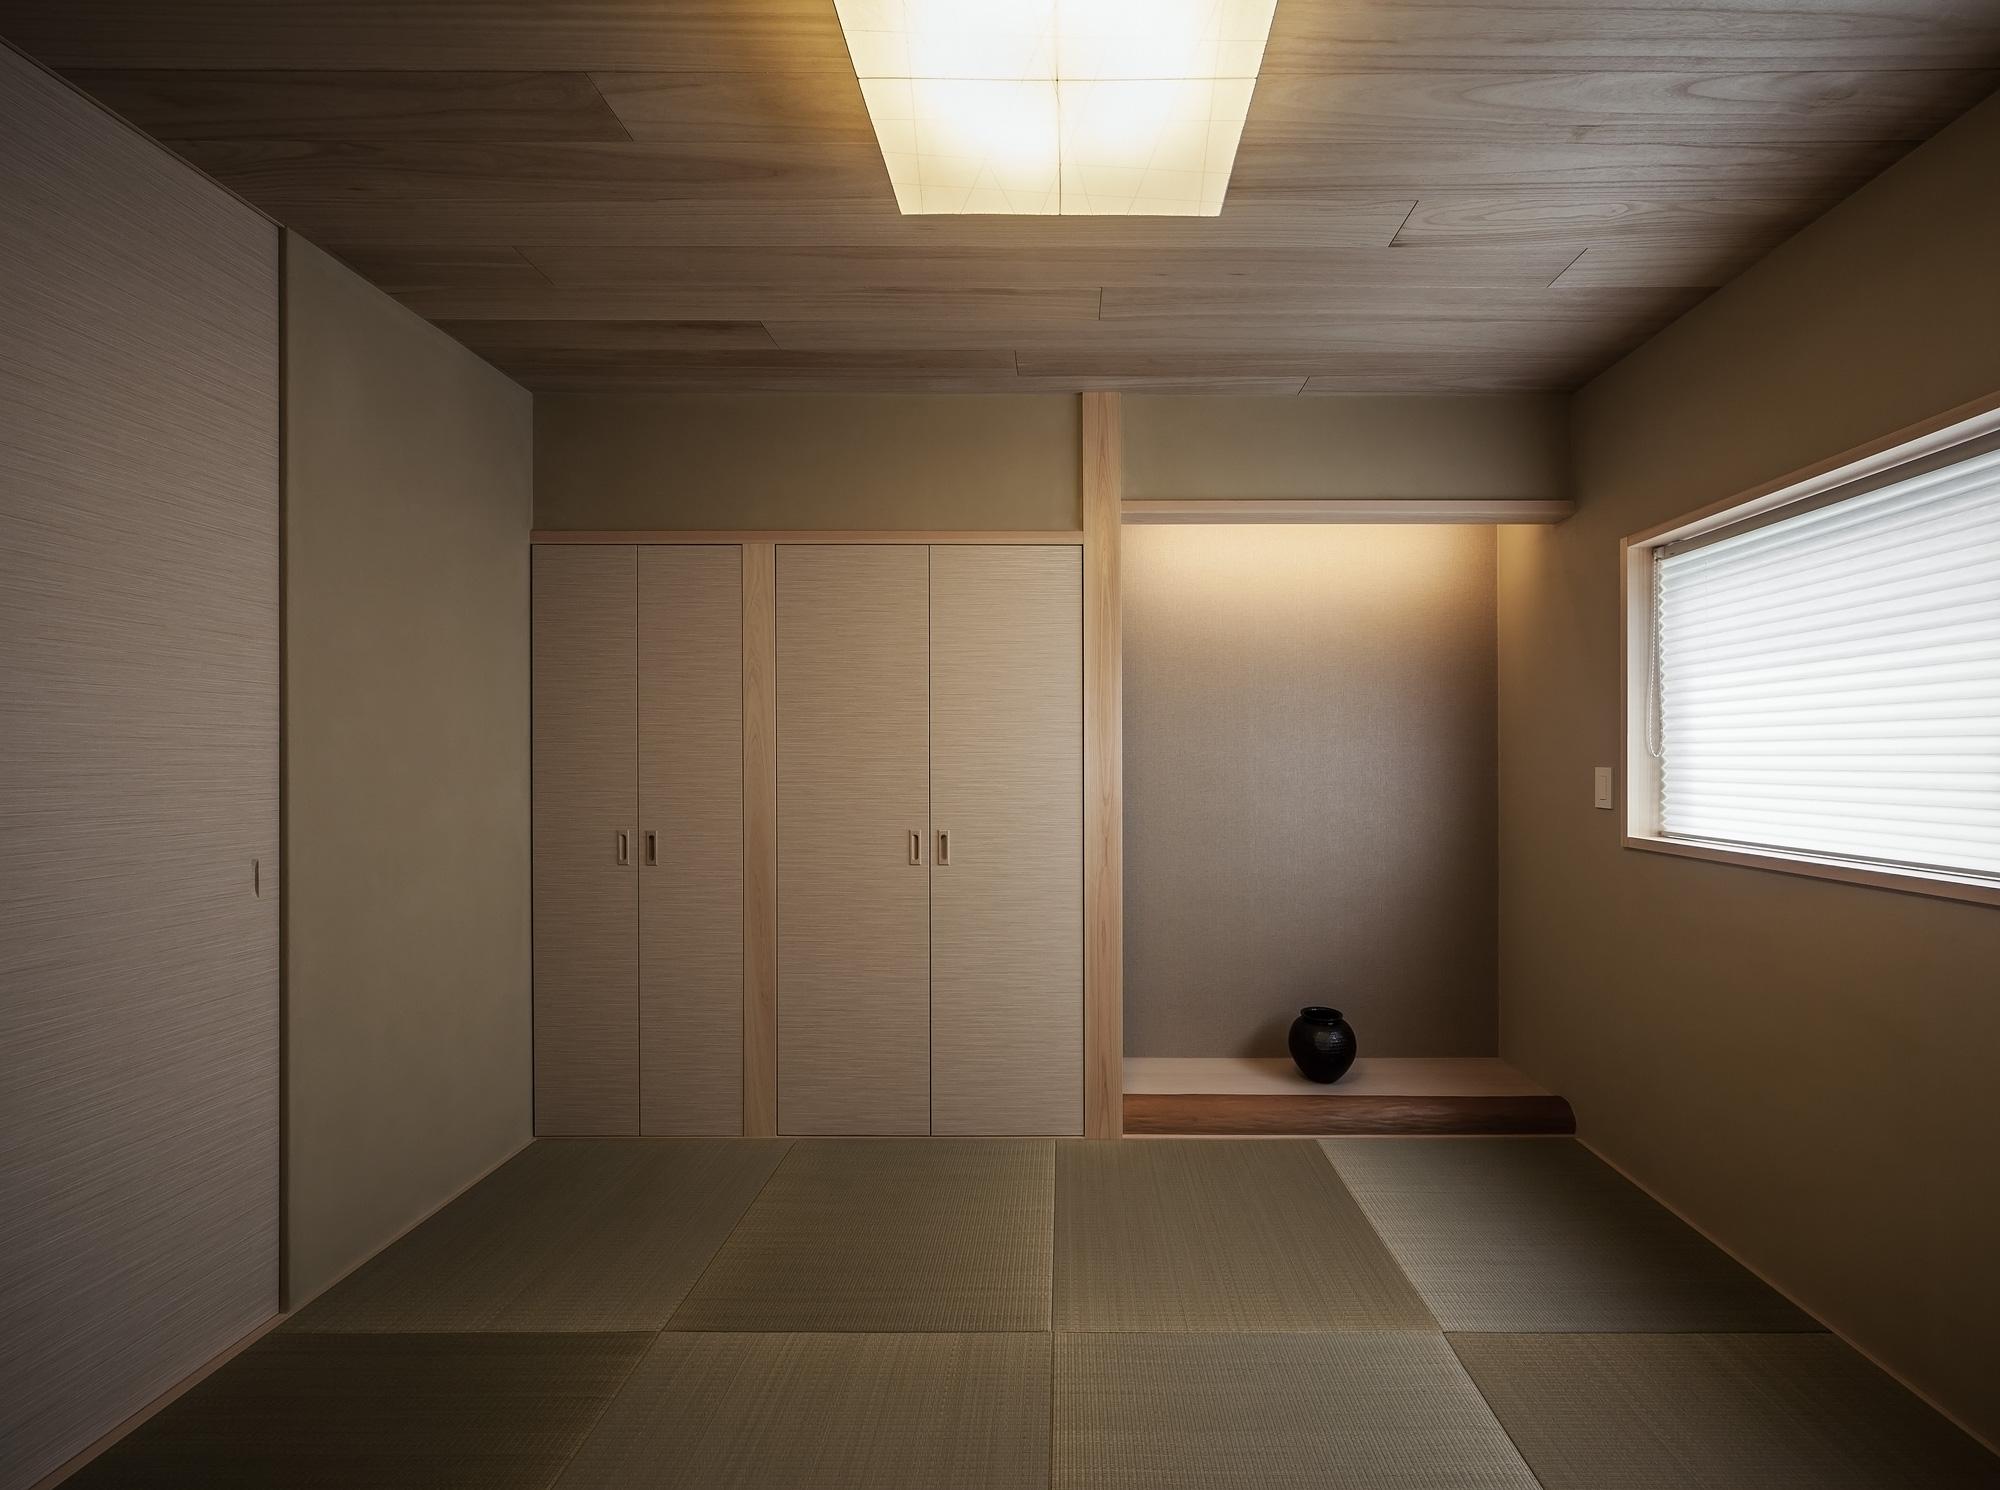 和室: 天井は桐の板張り。畳は縁無し、襖も襖縁を設けない「坊主襖」にして、余分なラインをなくしたシンプルでモダンな印象。床框はリフォーム前の床柱を加工して再利用しています